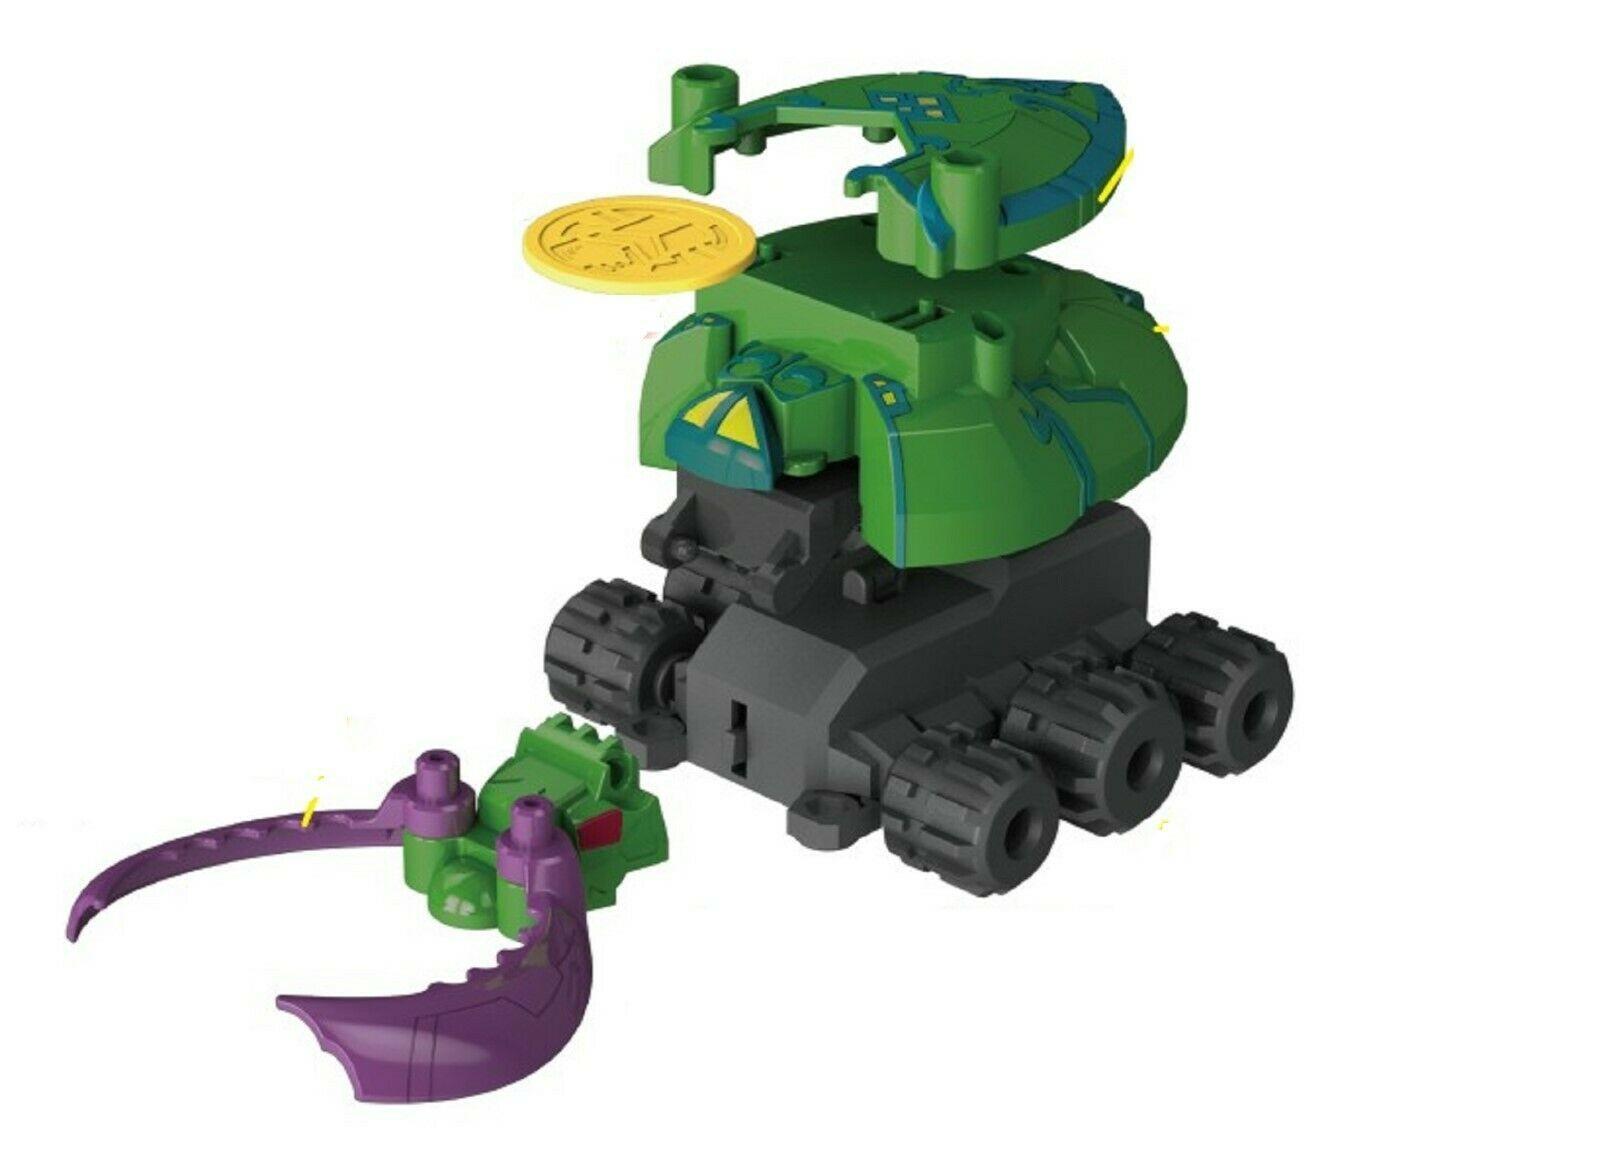 Bugsbot Ignition Basic B-08 Battle Lamprima Action Figure Battling Bug Toy